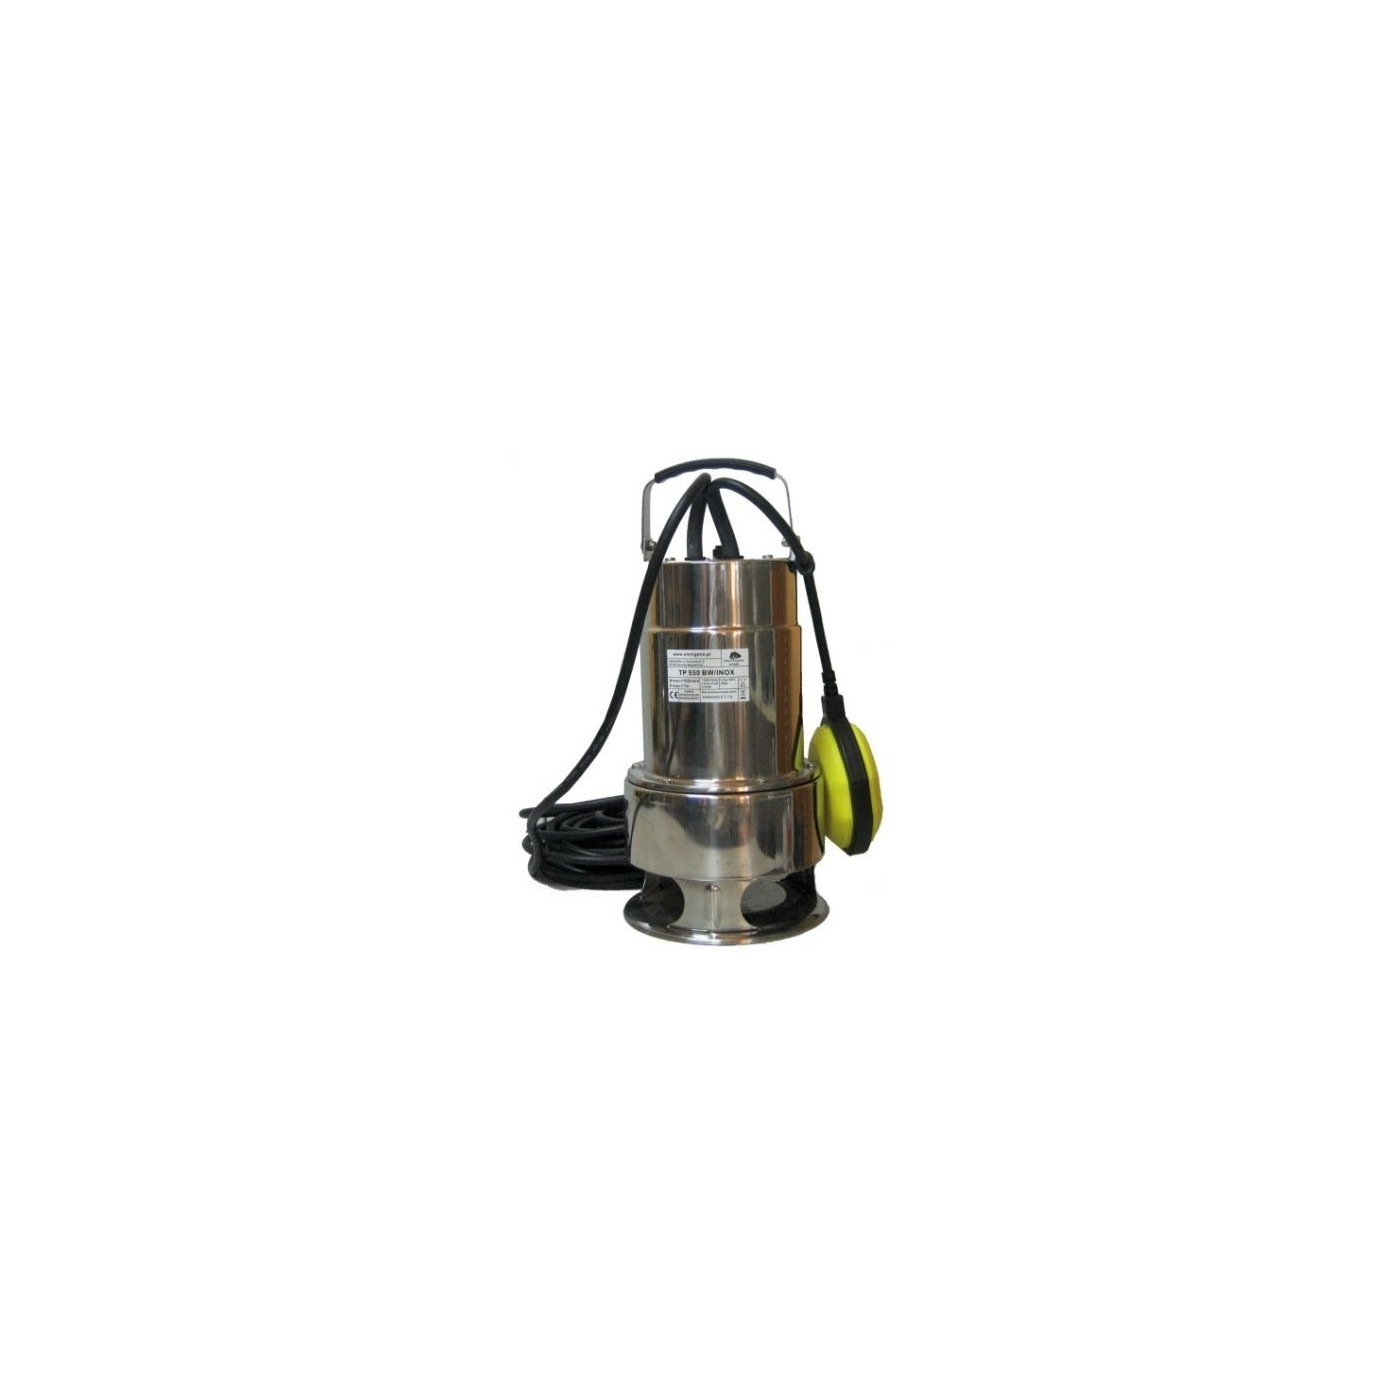 Pumpe 550W Edelstahl Wasserpumpe Gartenpumpe Tauchpumpe  Schwimmerschalter